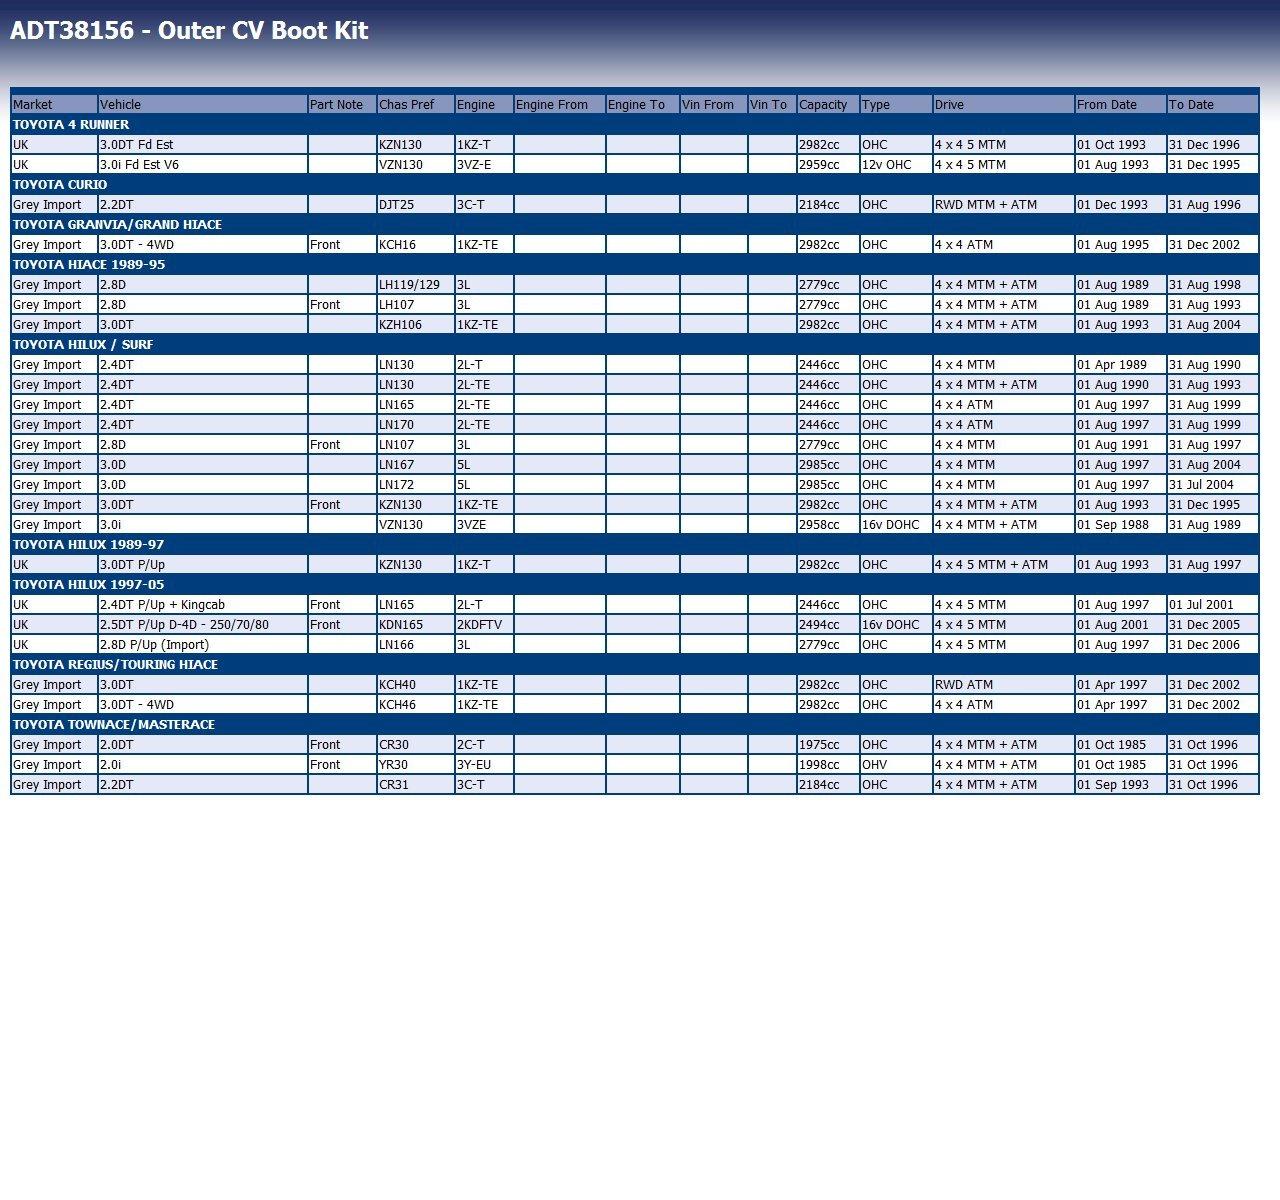 Blue Print ADT38156 set de junta homocintica exterior: Amazon.es: Coche y moto